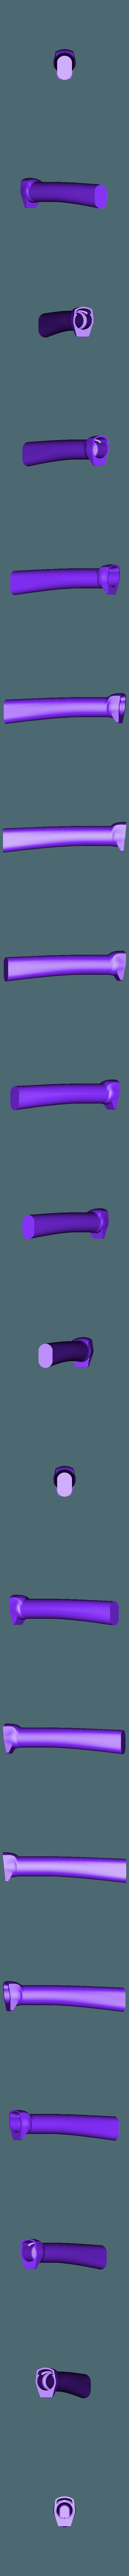 Zebco_Fishing_Handle_v1-1.STL Télécharger fichier STL gratuit Poteaux de pêche • Objet pour impression 3D, WalterHsiao